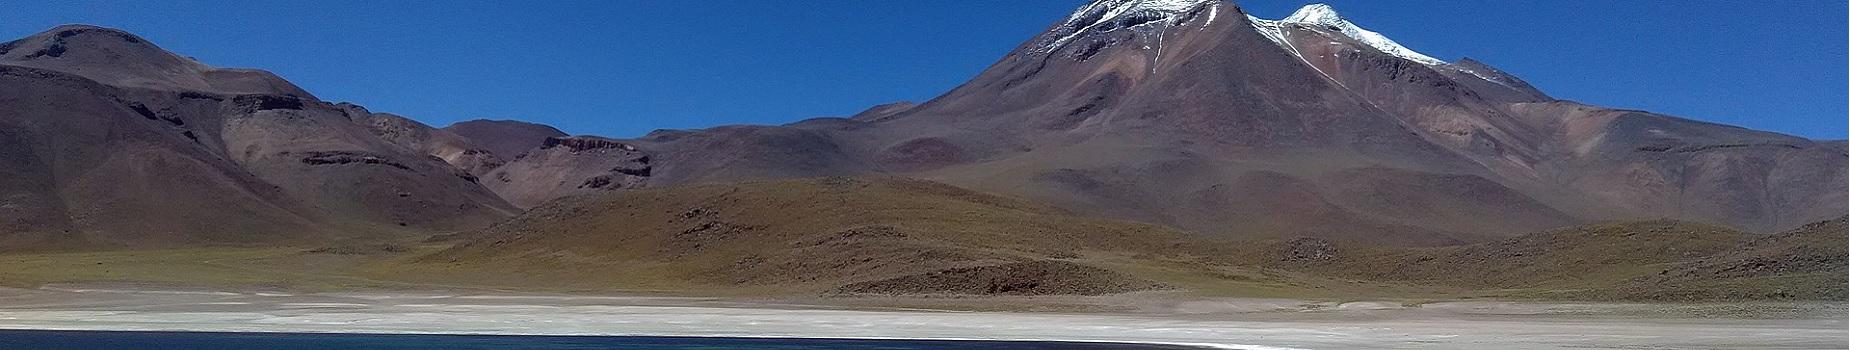 Vliegvelden Chili